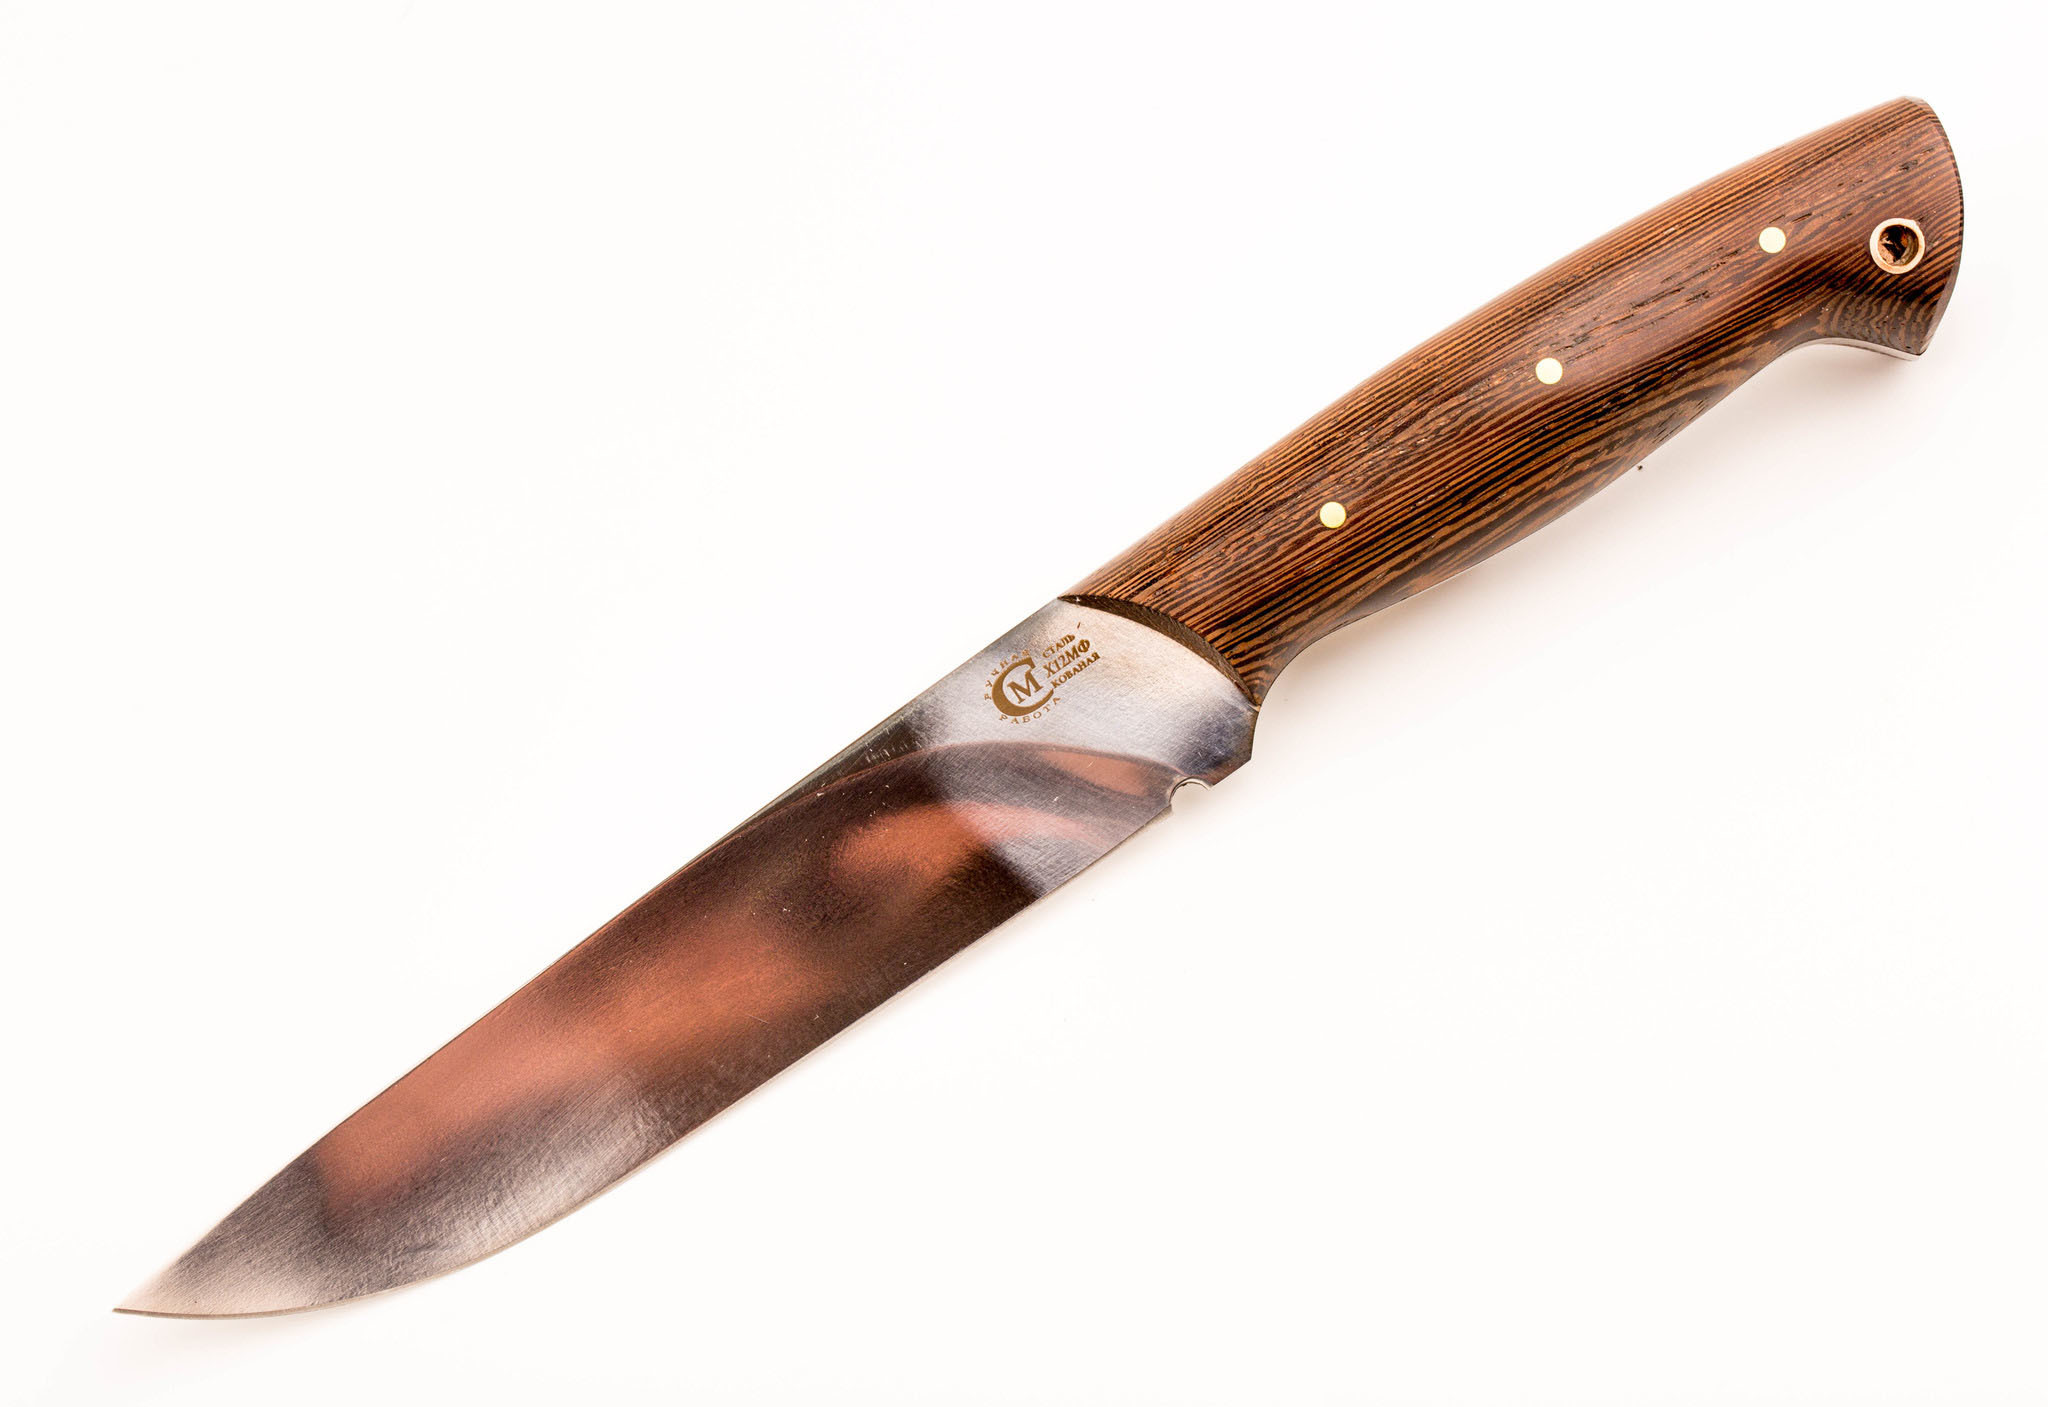 Нож цельнометаллический Пантера, сталь Х12МФ, рукоять венге от Кузница Семина